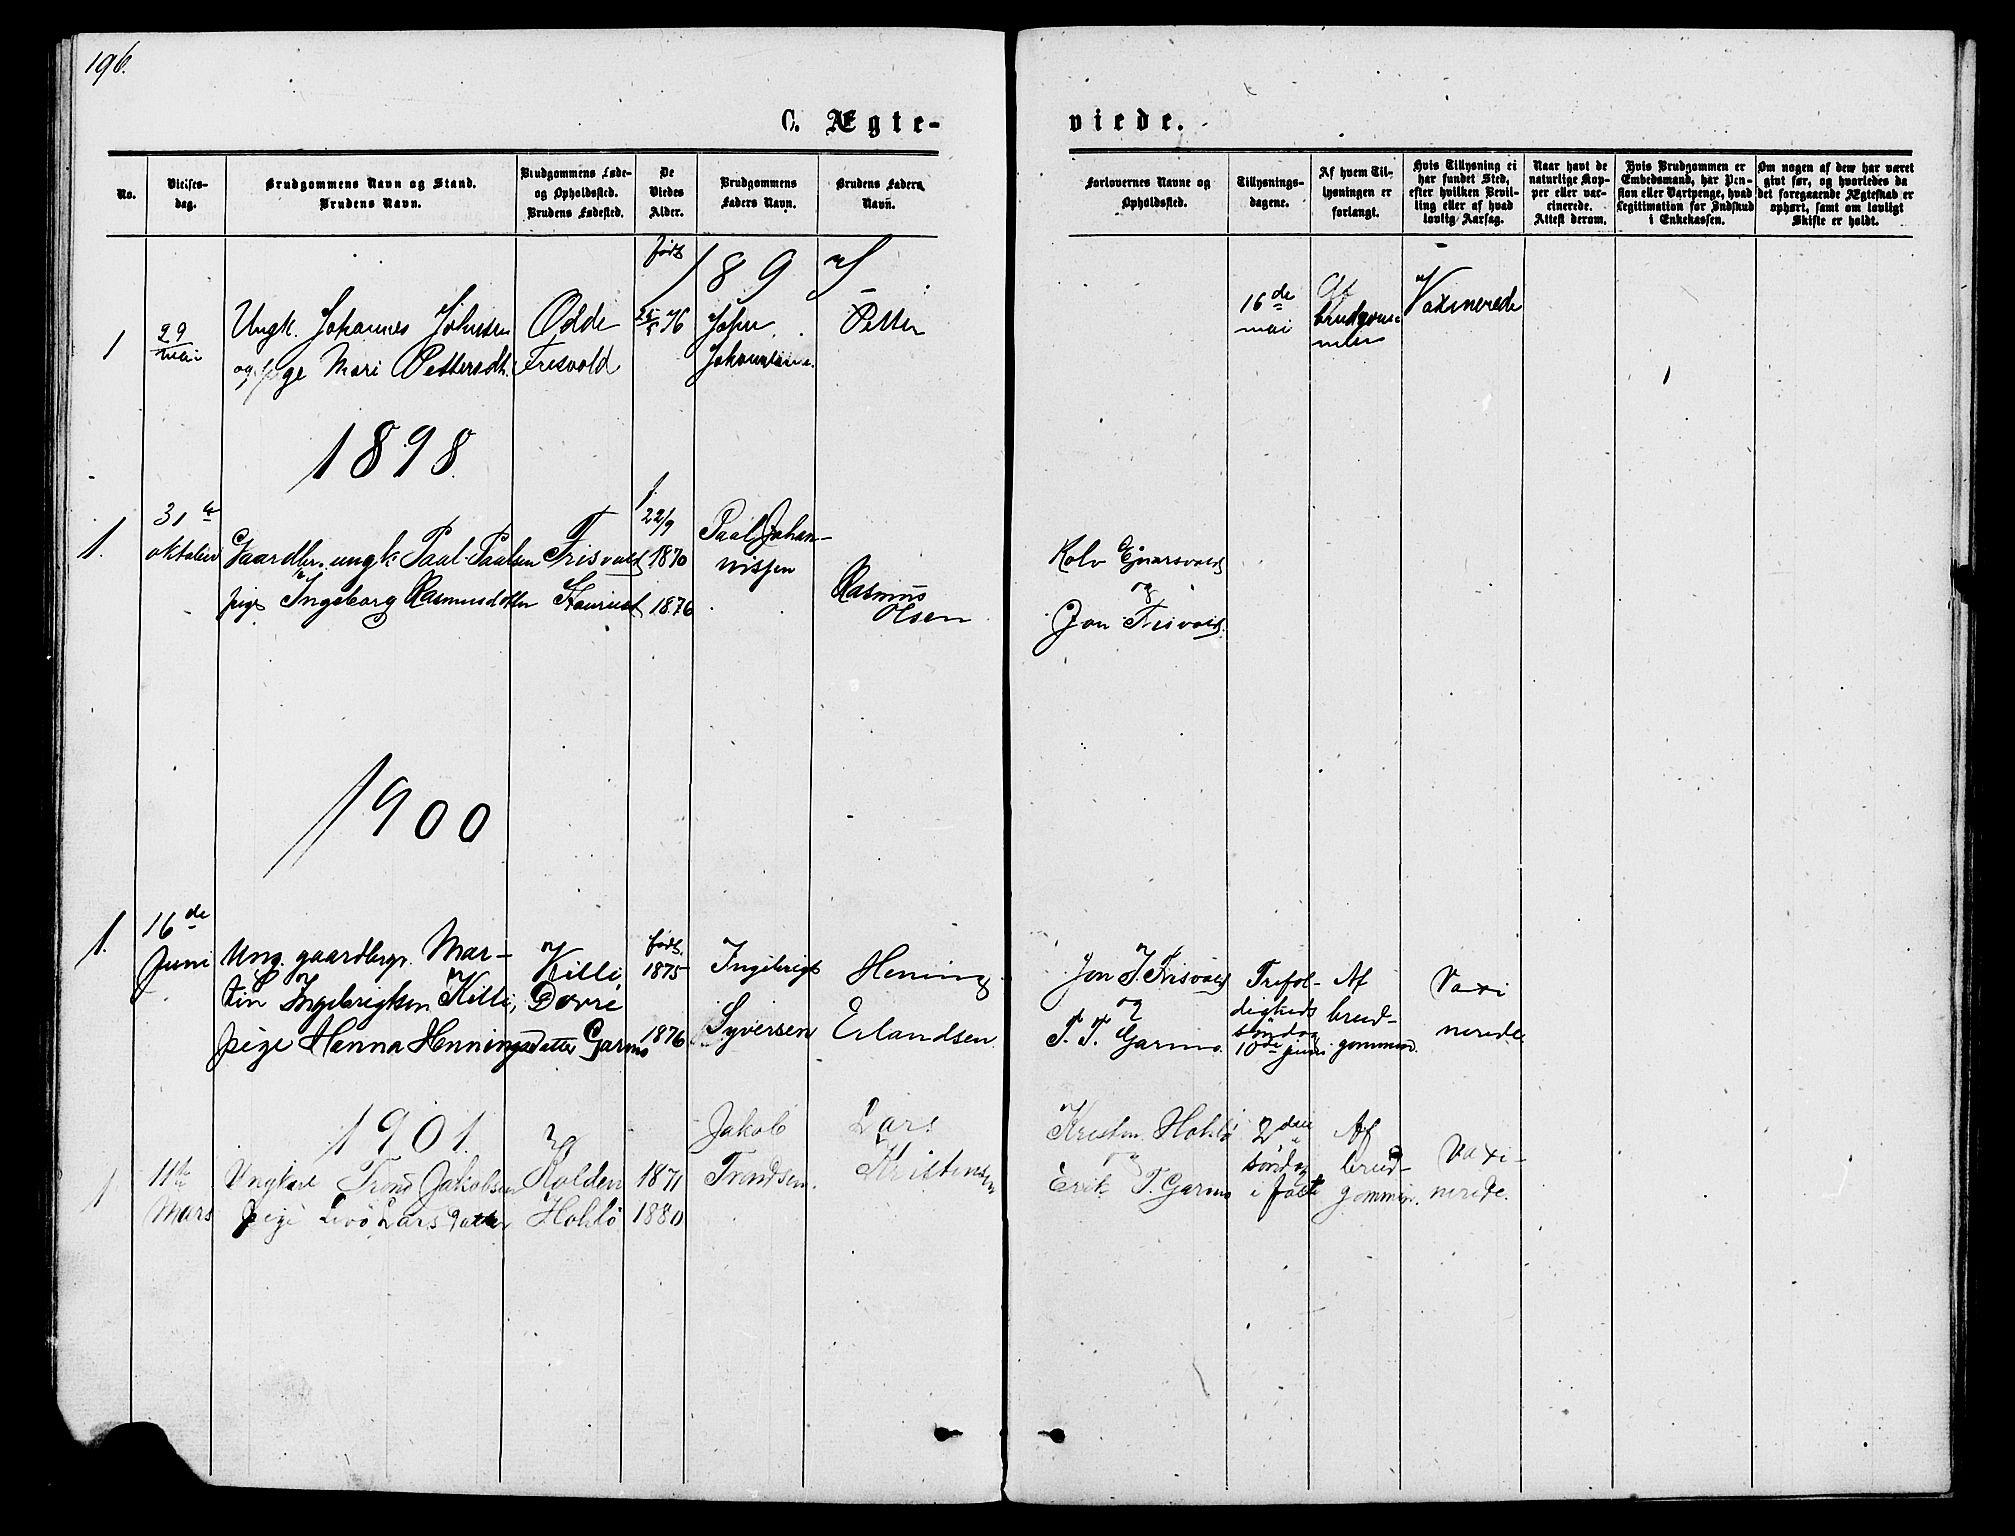 SAH, Lom prestekontor, L/L0005: Klokkerbok nr. 5, 1876-1901, s. 196-197